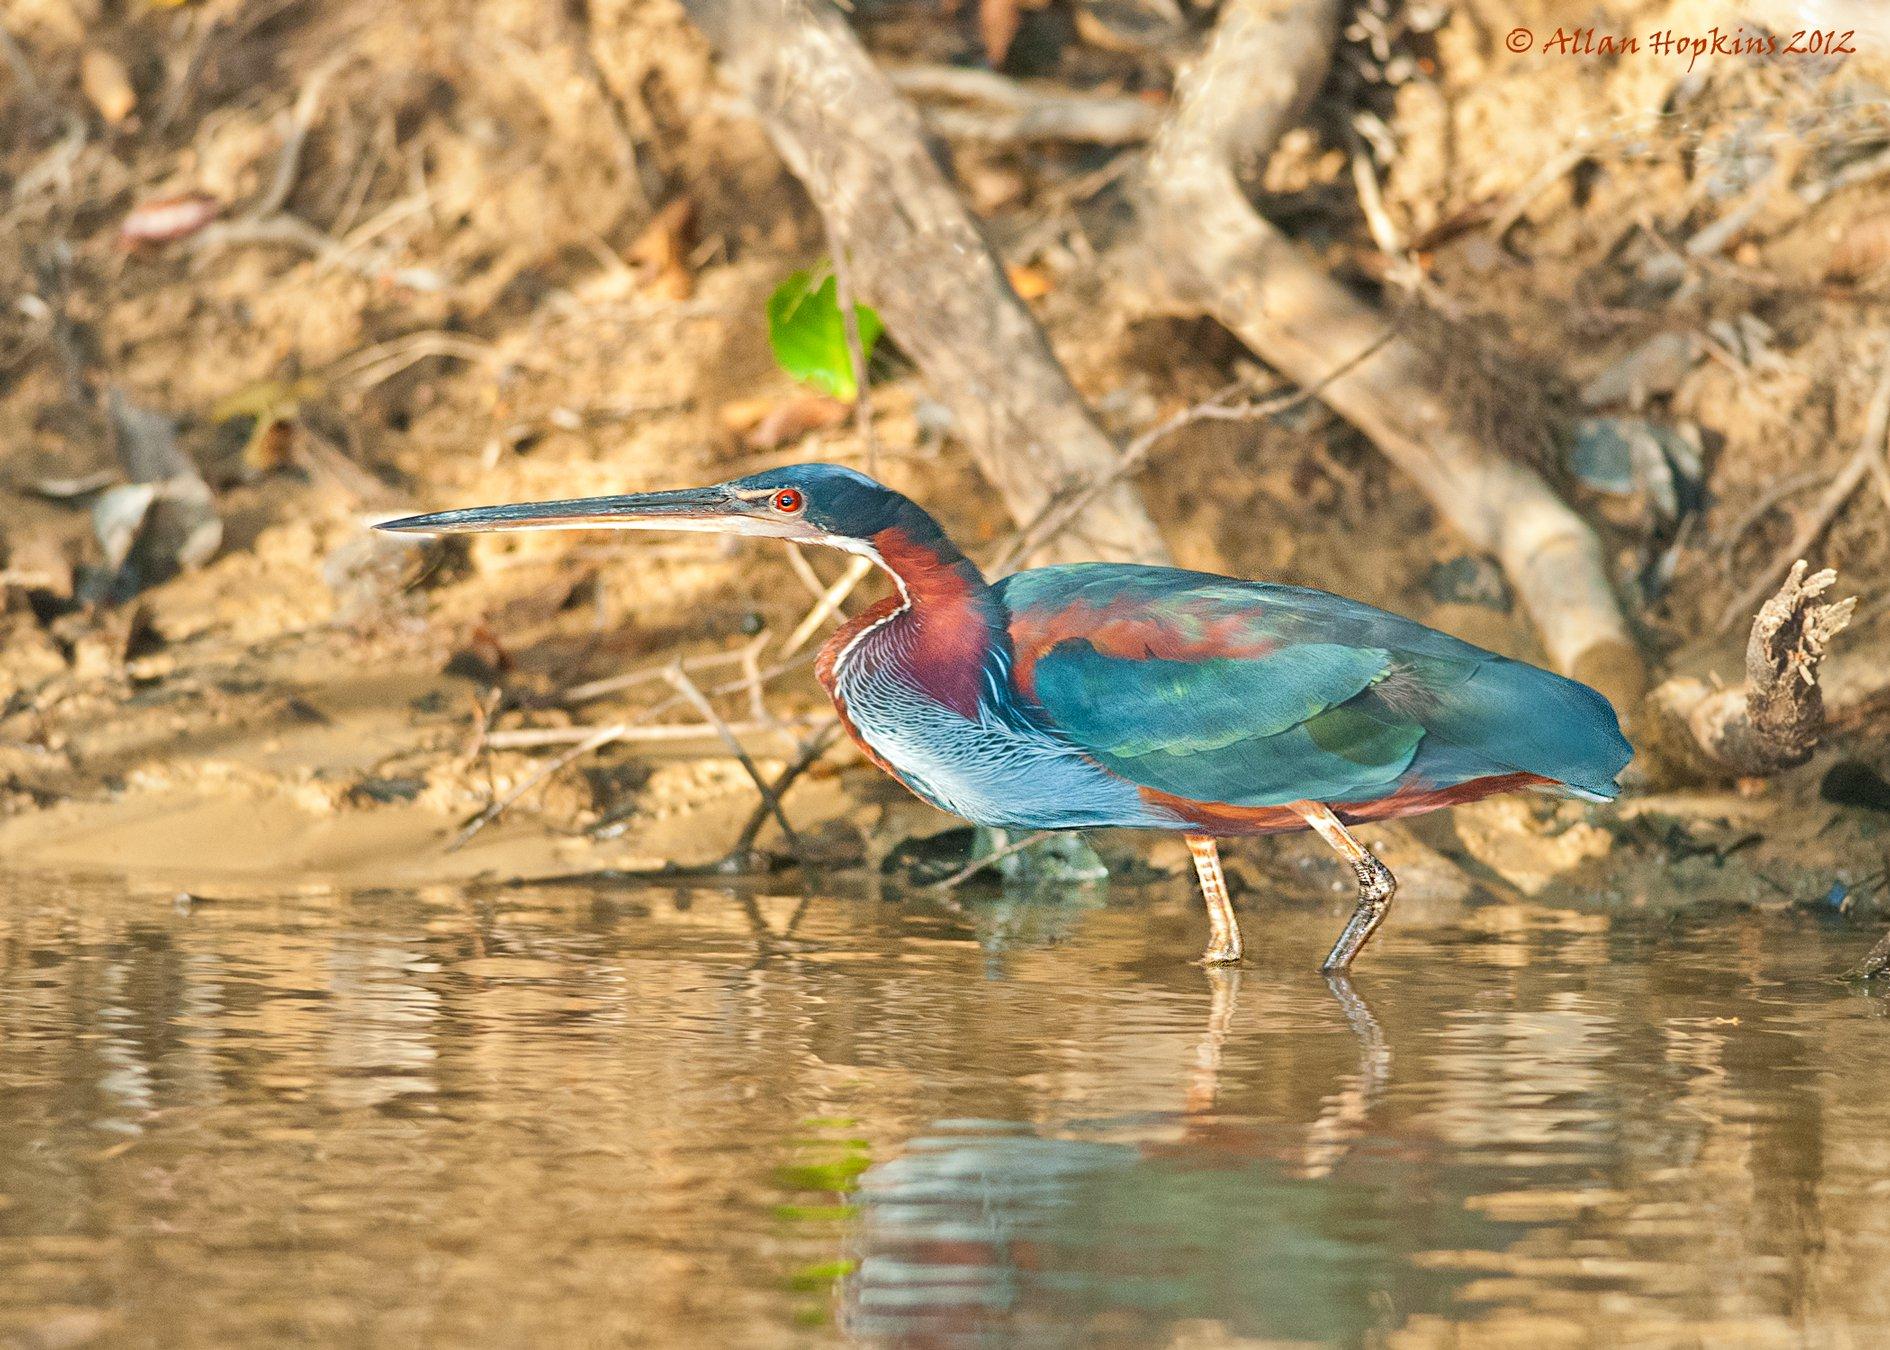 guyana-bird.jpg